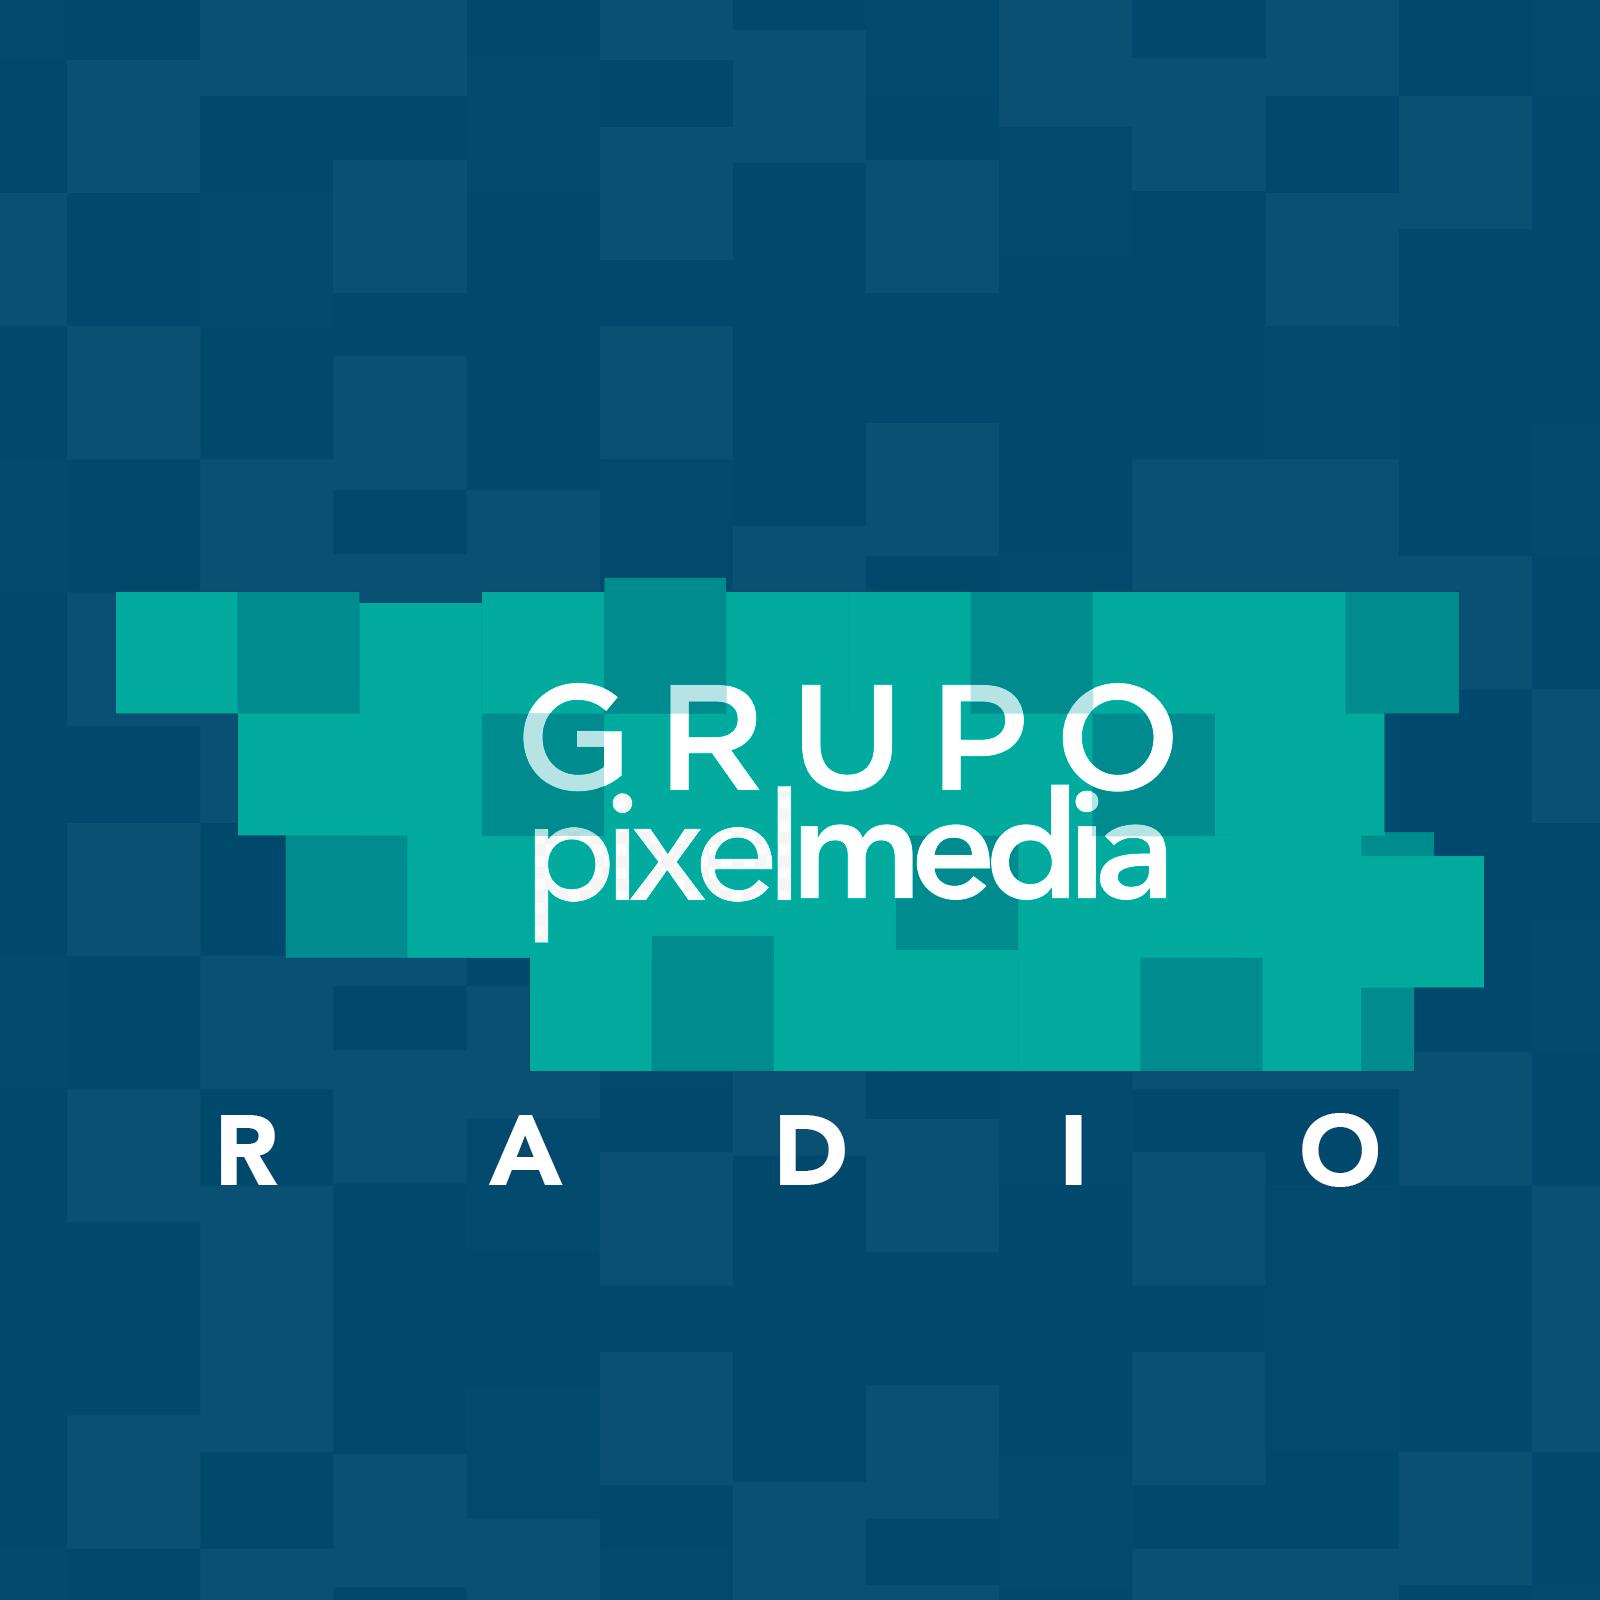 Grupo pixelMedia